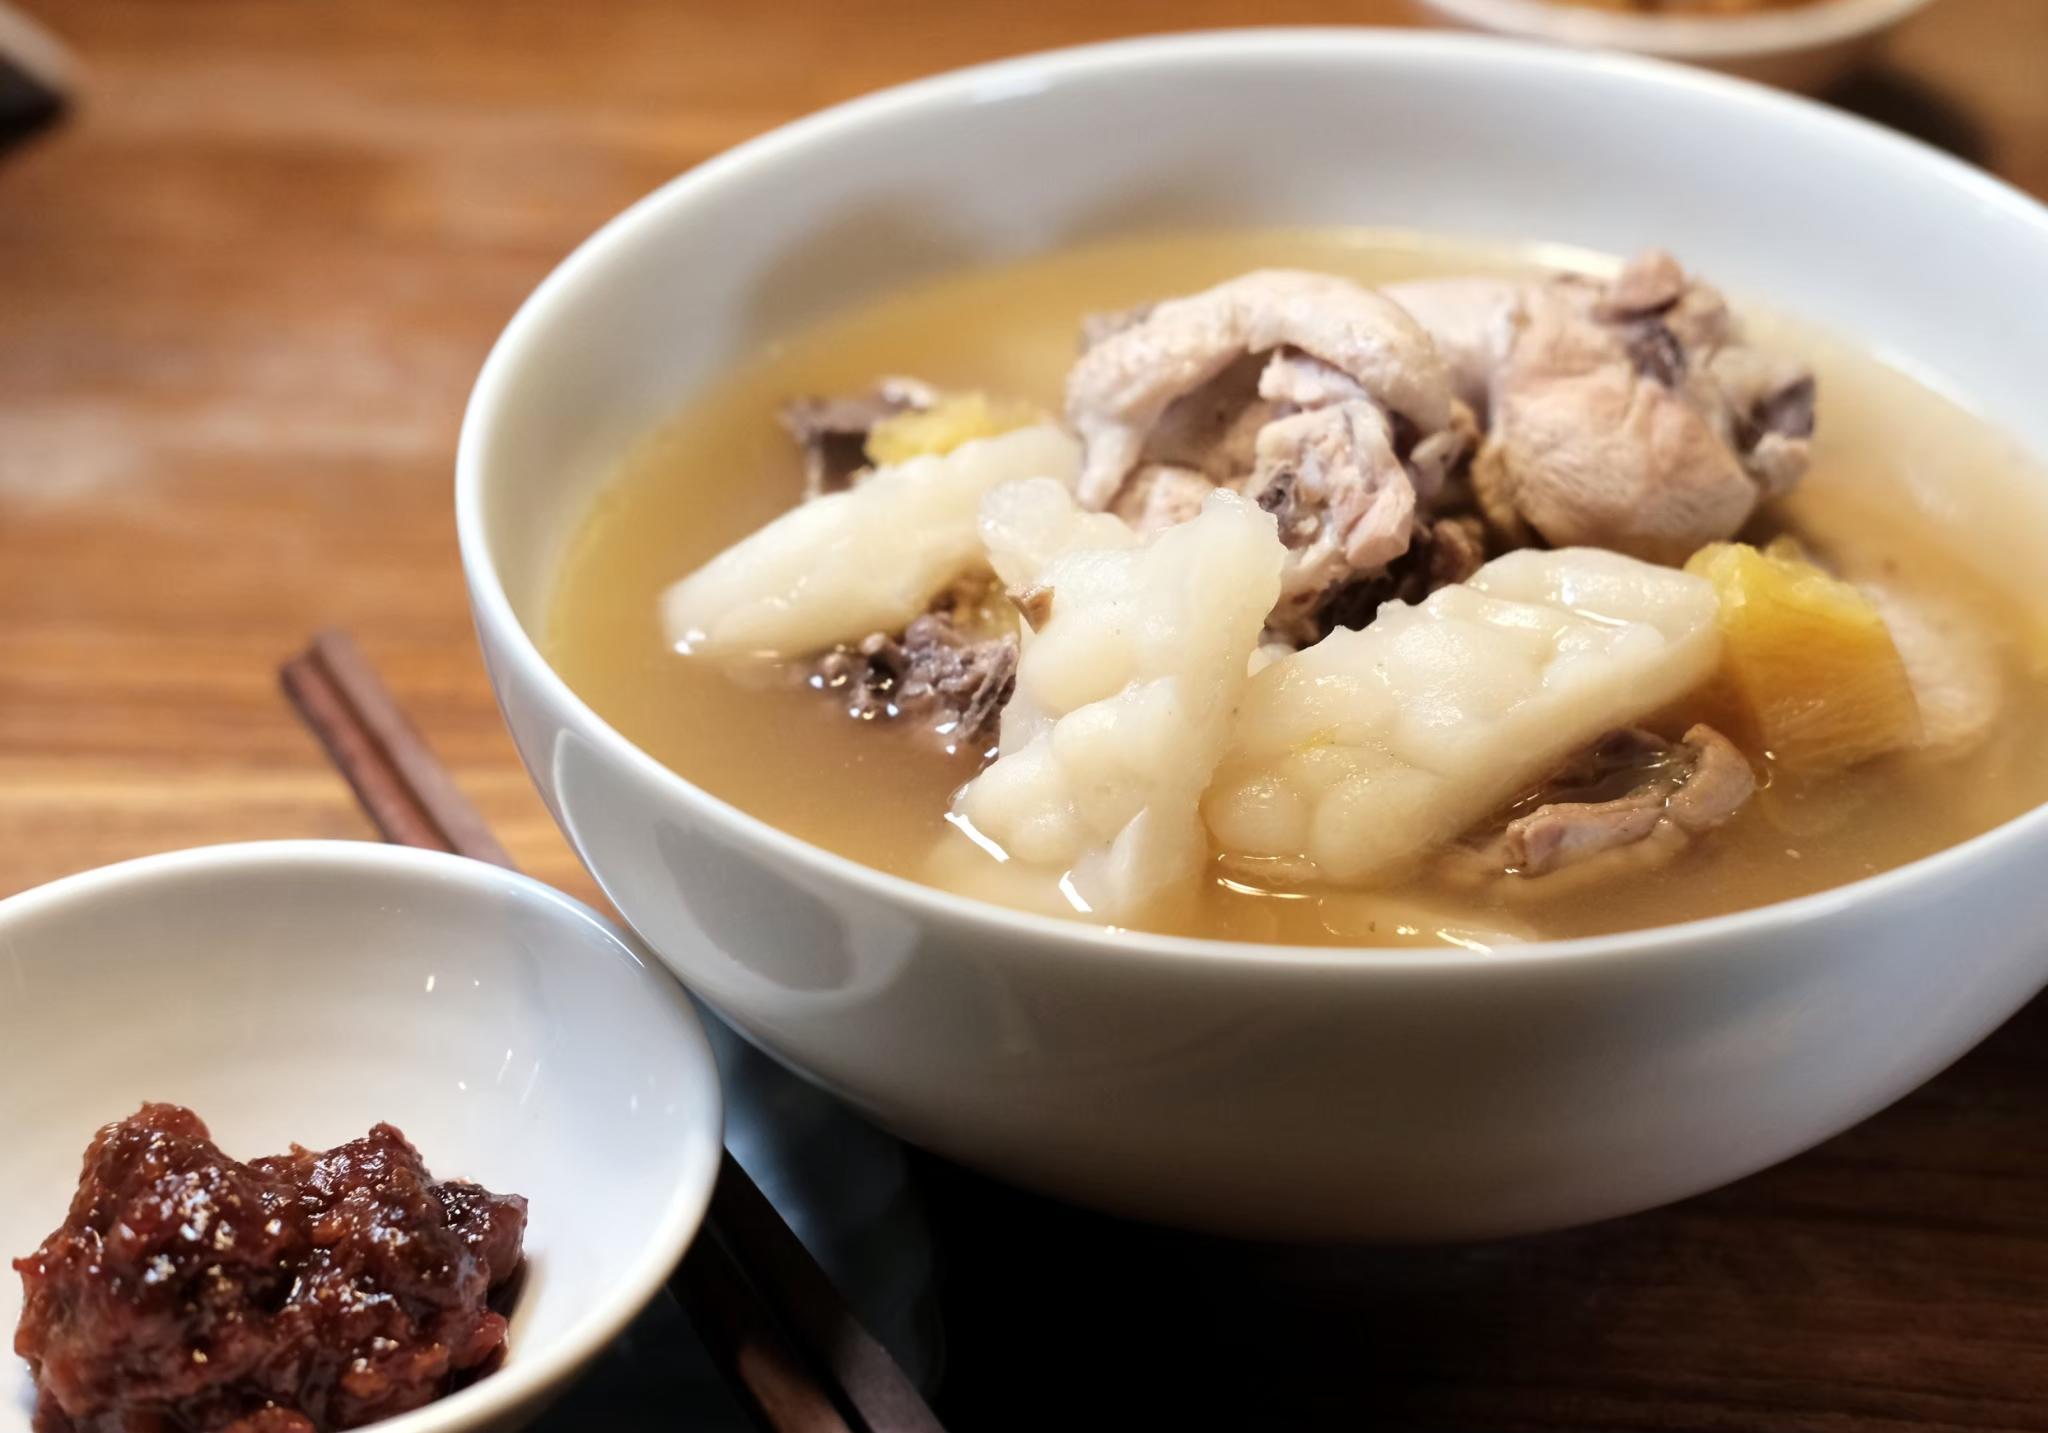 夏日清爽料理-鳳梨豆醬燉雞肉湯